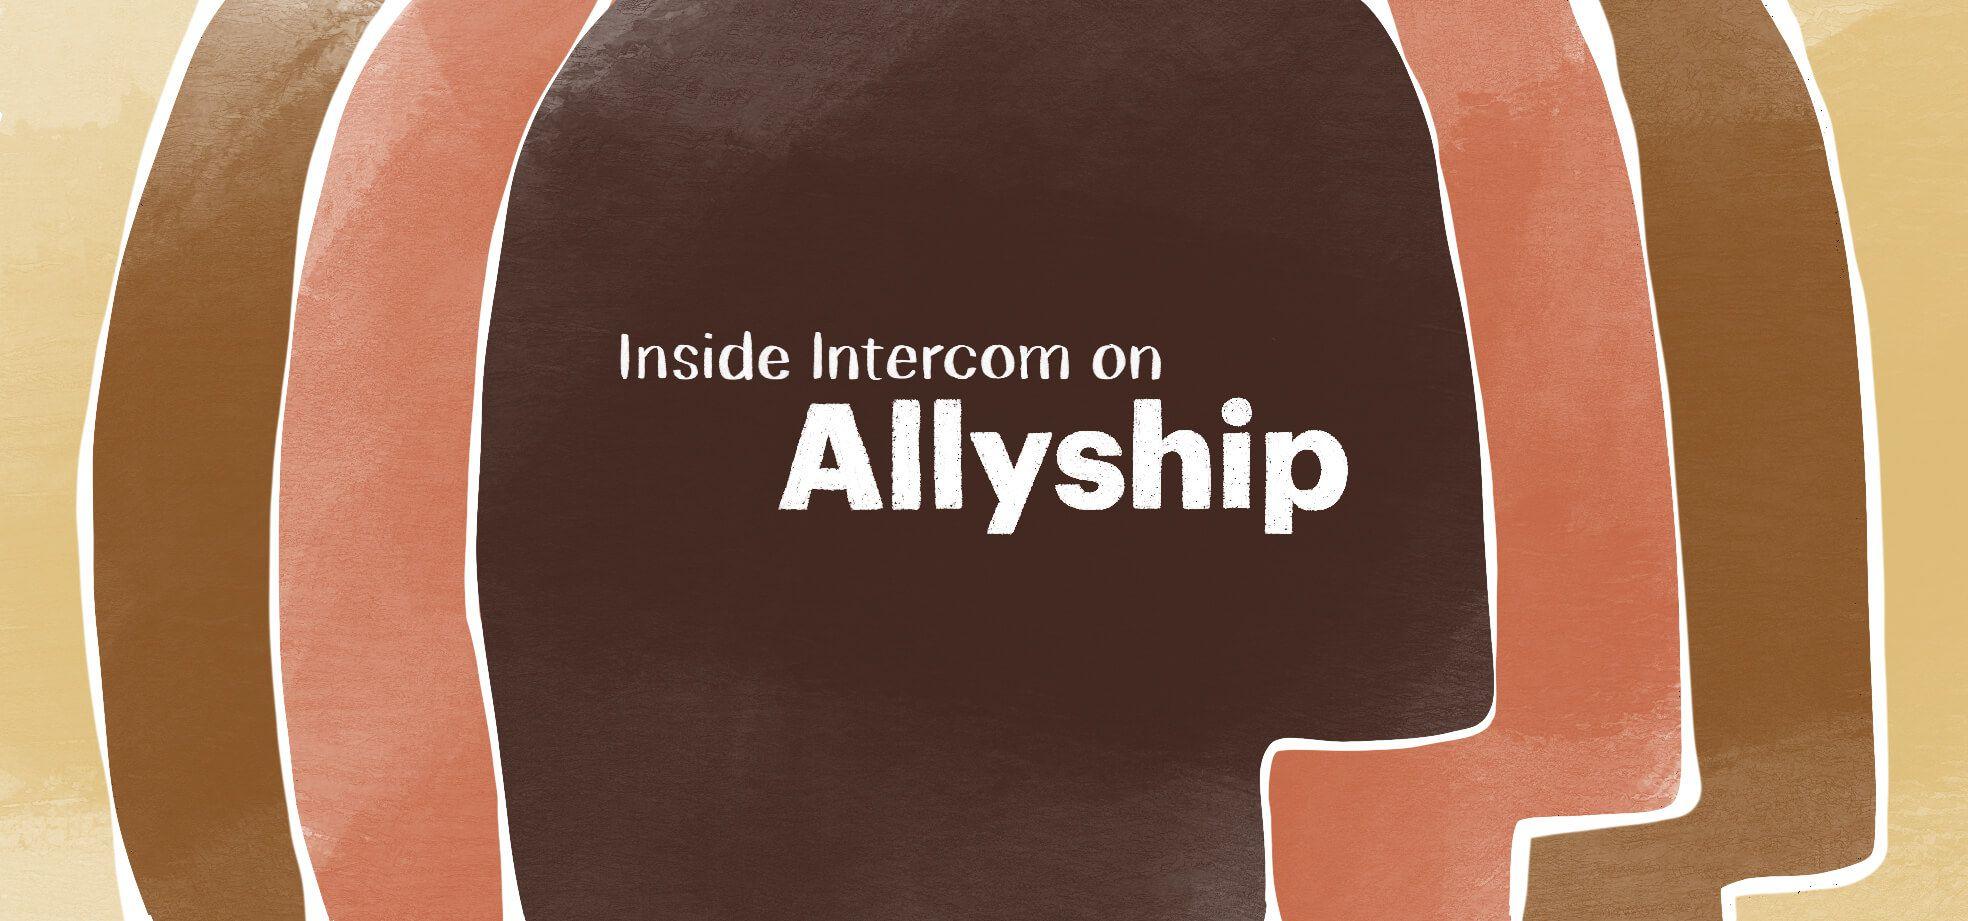 Speaking out: Inside Intercom on allyship